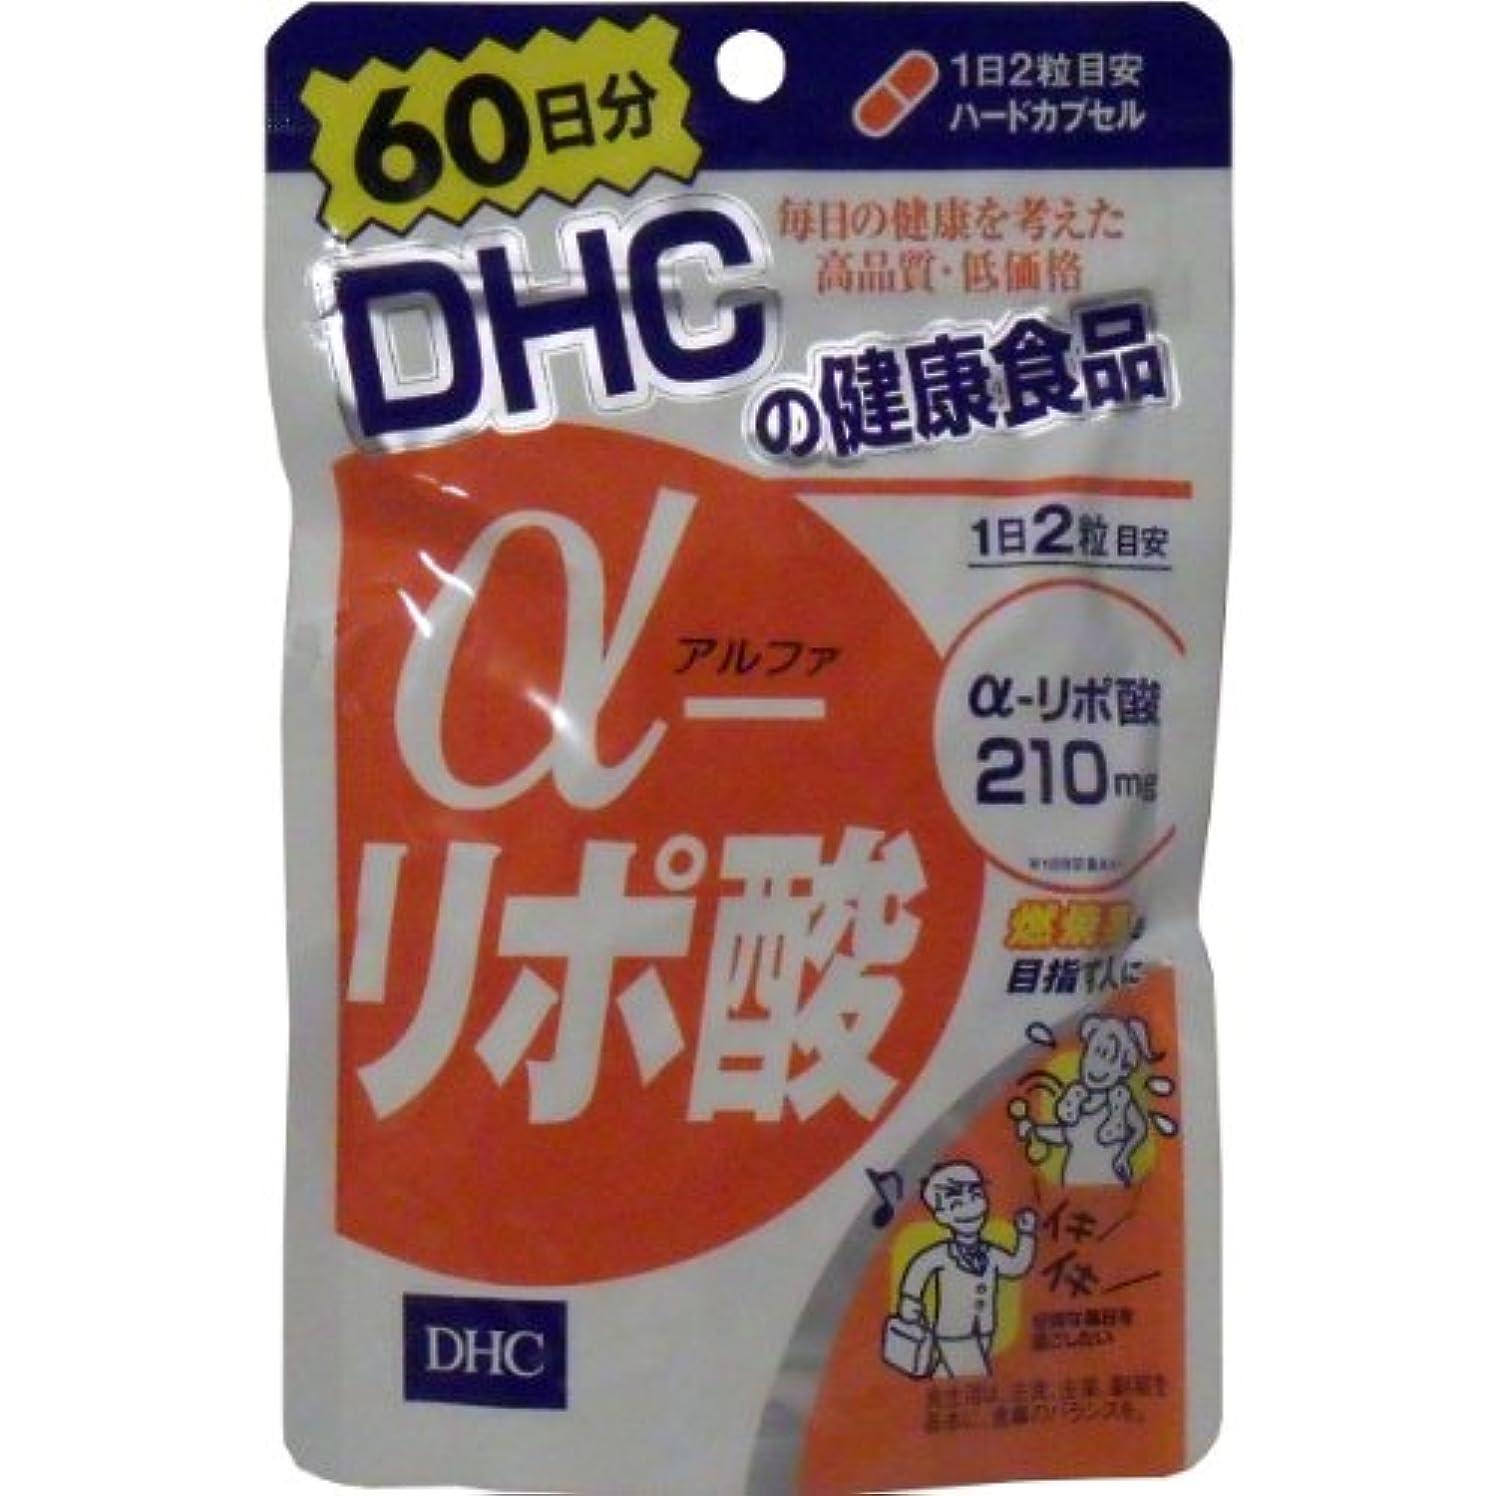 耳時間アスレチックα-リポ酸は、もともと体内にあるエネルギー活性成分。サプリメントでの効率的な補給がおすすめ!DHC120粒 60日分 【4個セット】